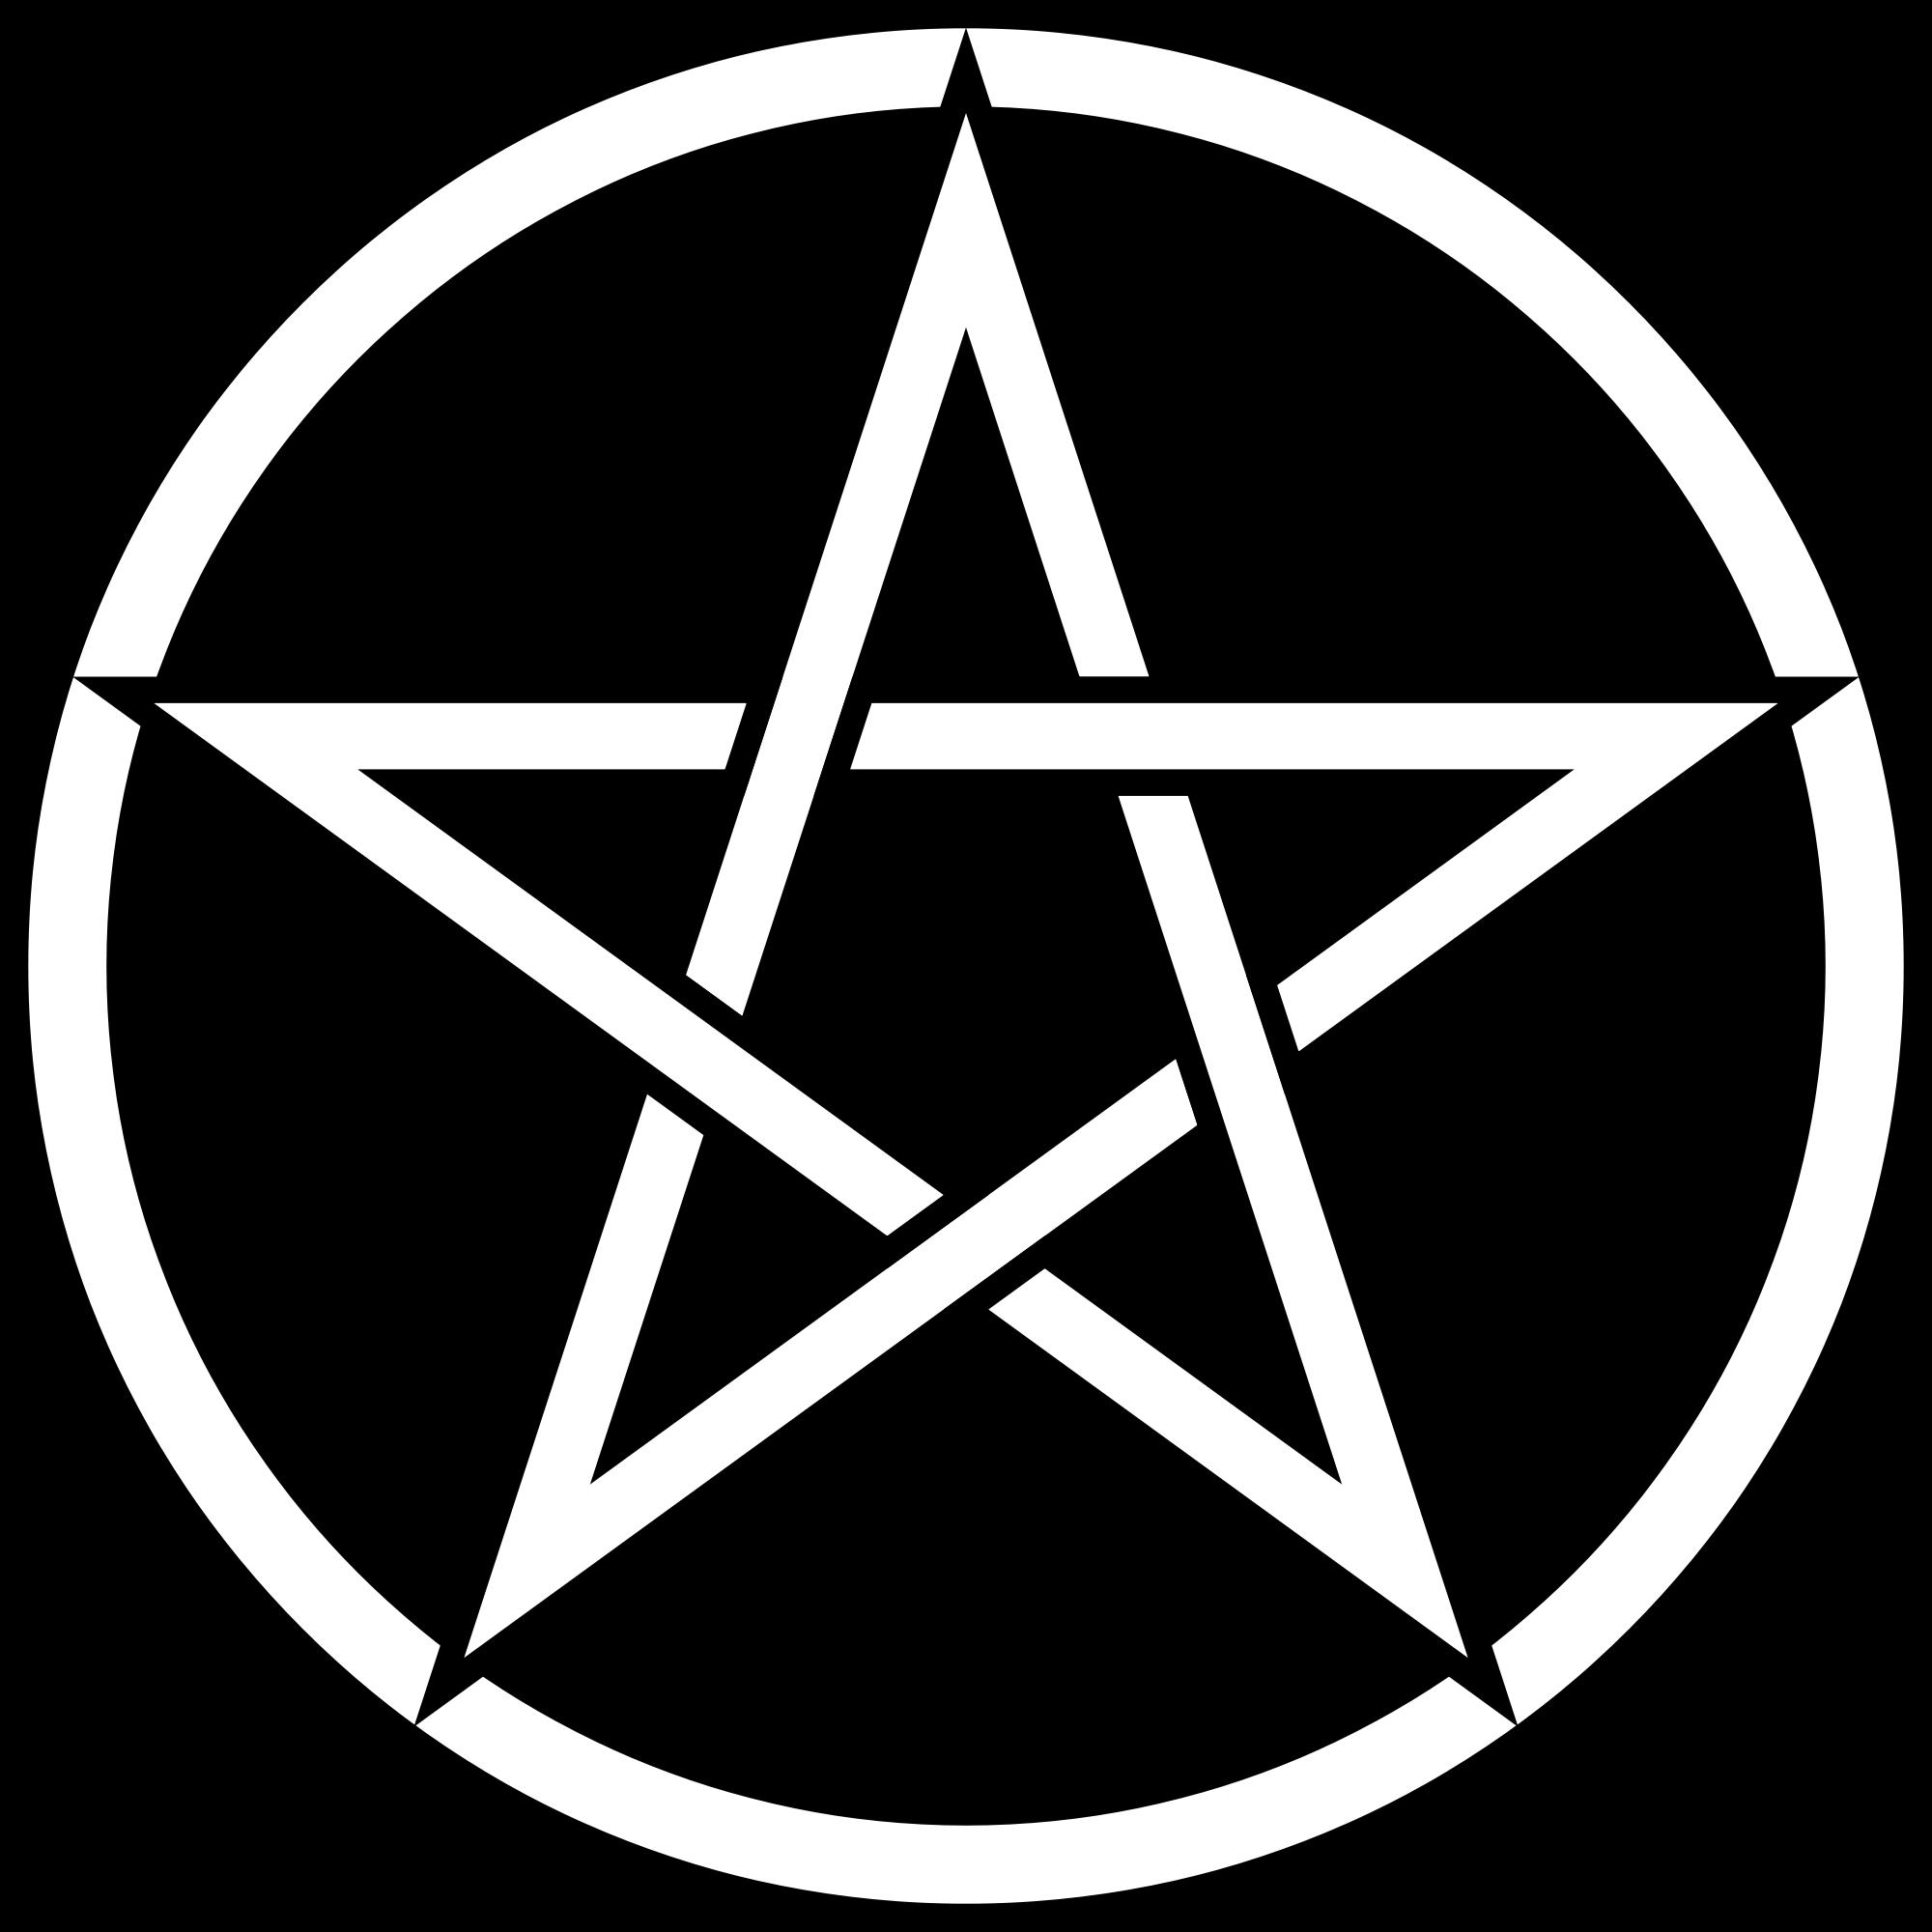 Pentagram coloring #6, Download drawings